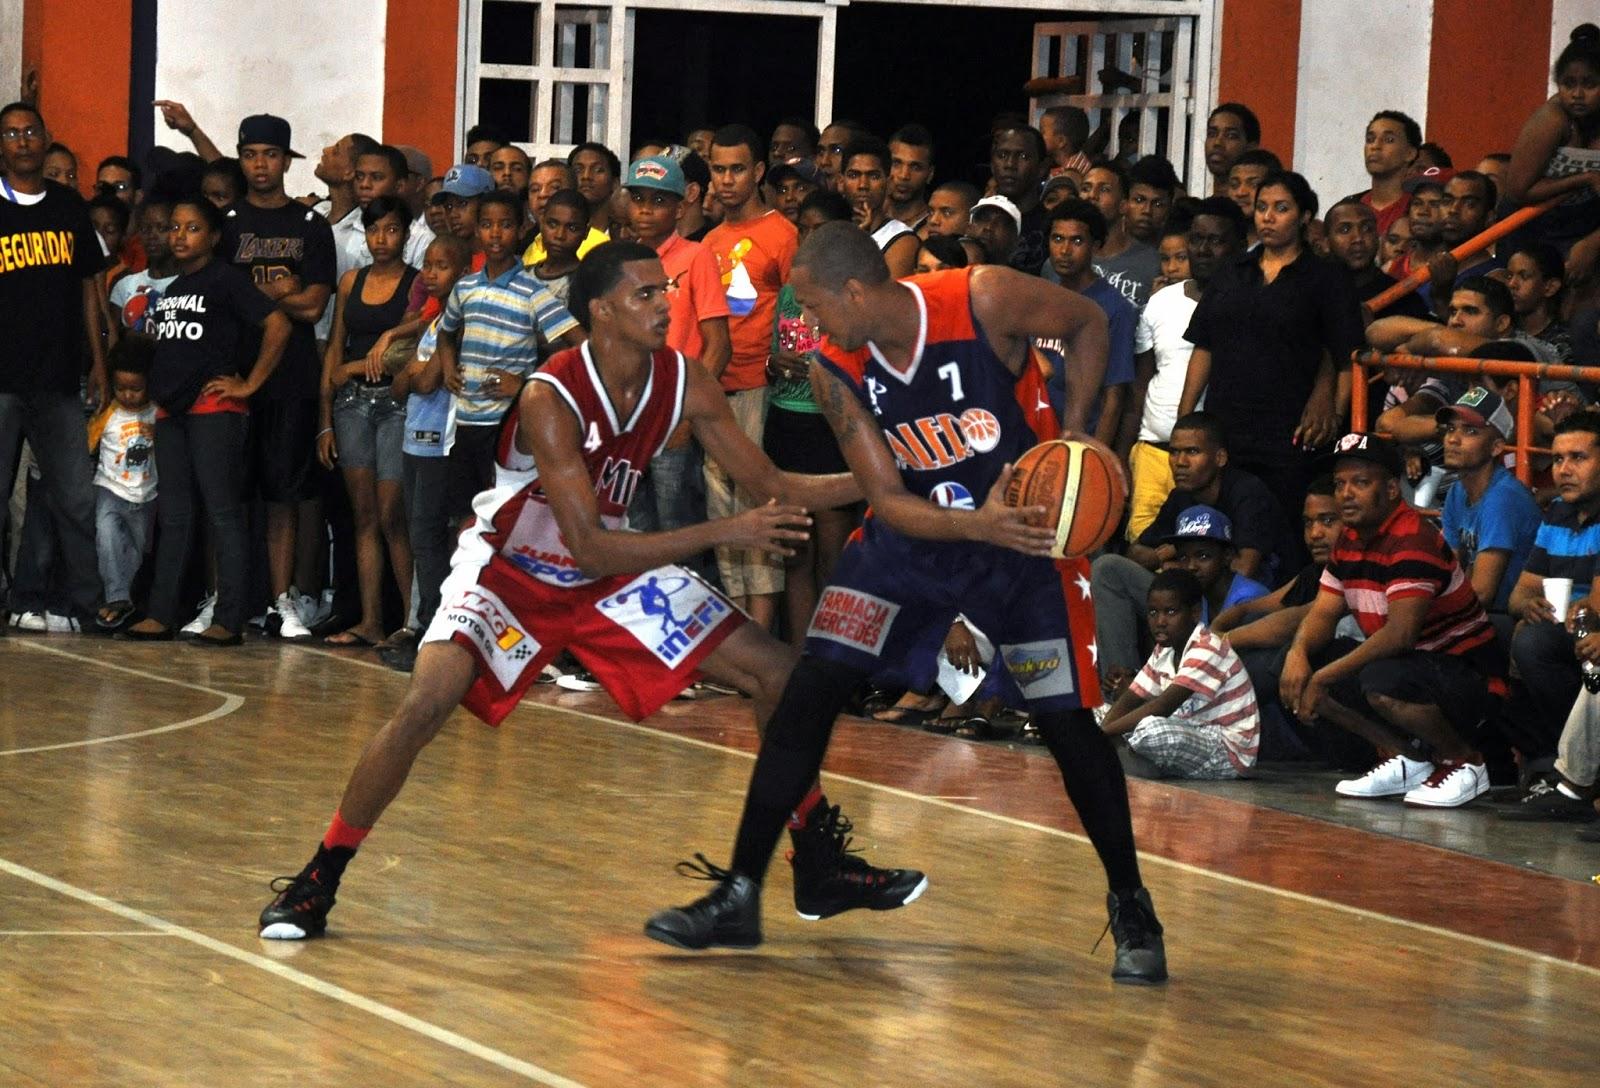 Inicia proceso de formación equipos a participar en Liga de Baloncesto Oriental